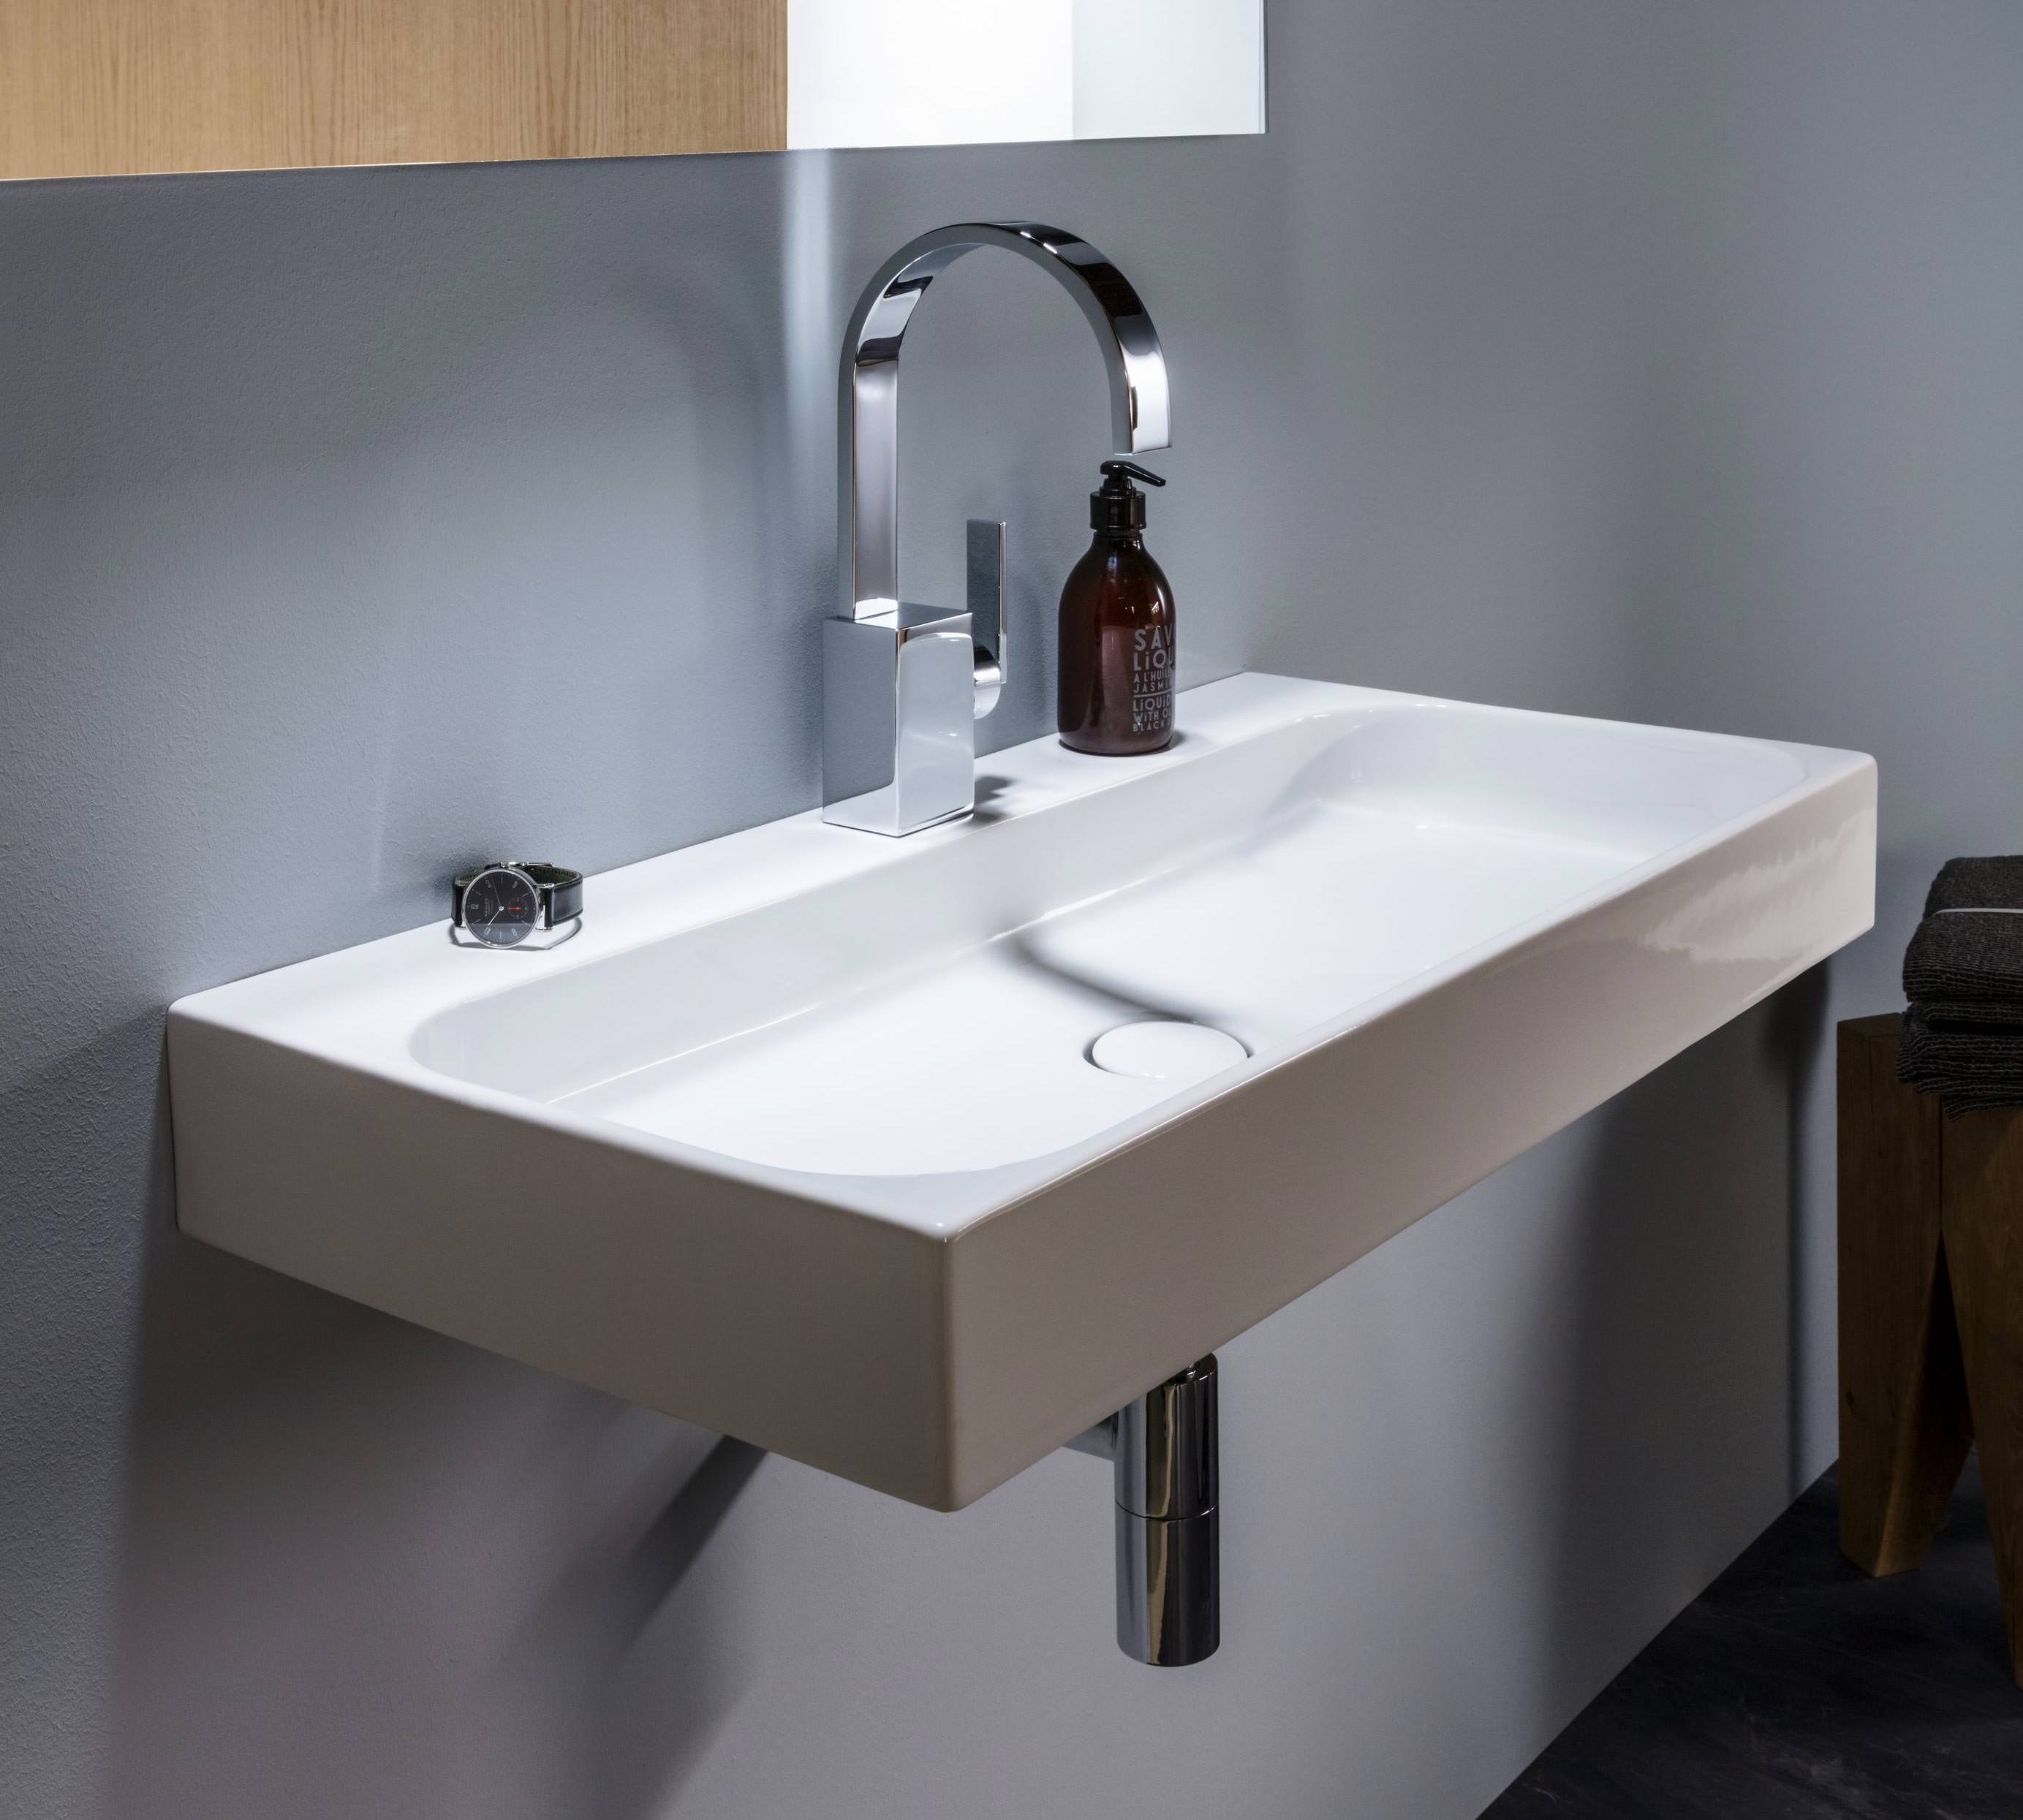 waschtisch schmal mit latest spektakulre inspiration vitra waschbecken und aufsatz waschtisch. Black Bedroom Furniture Sets. Home Design Ideas